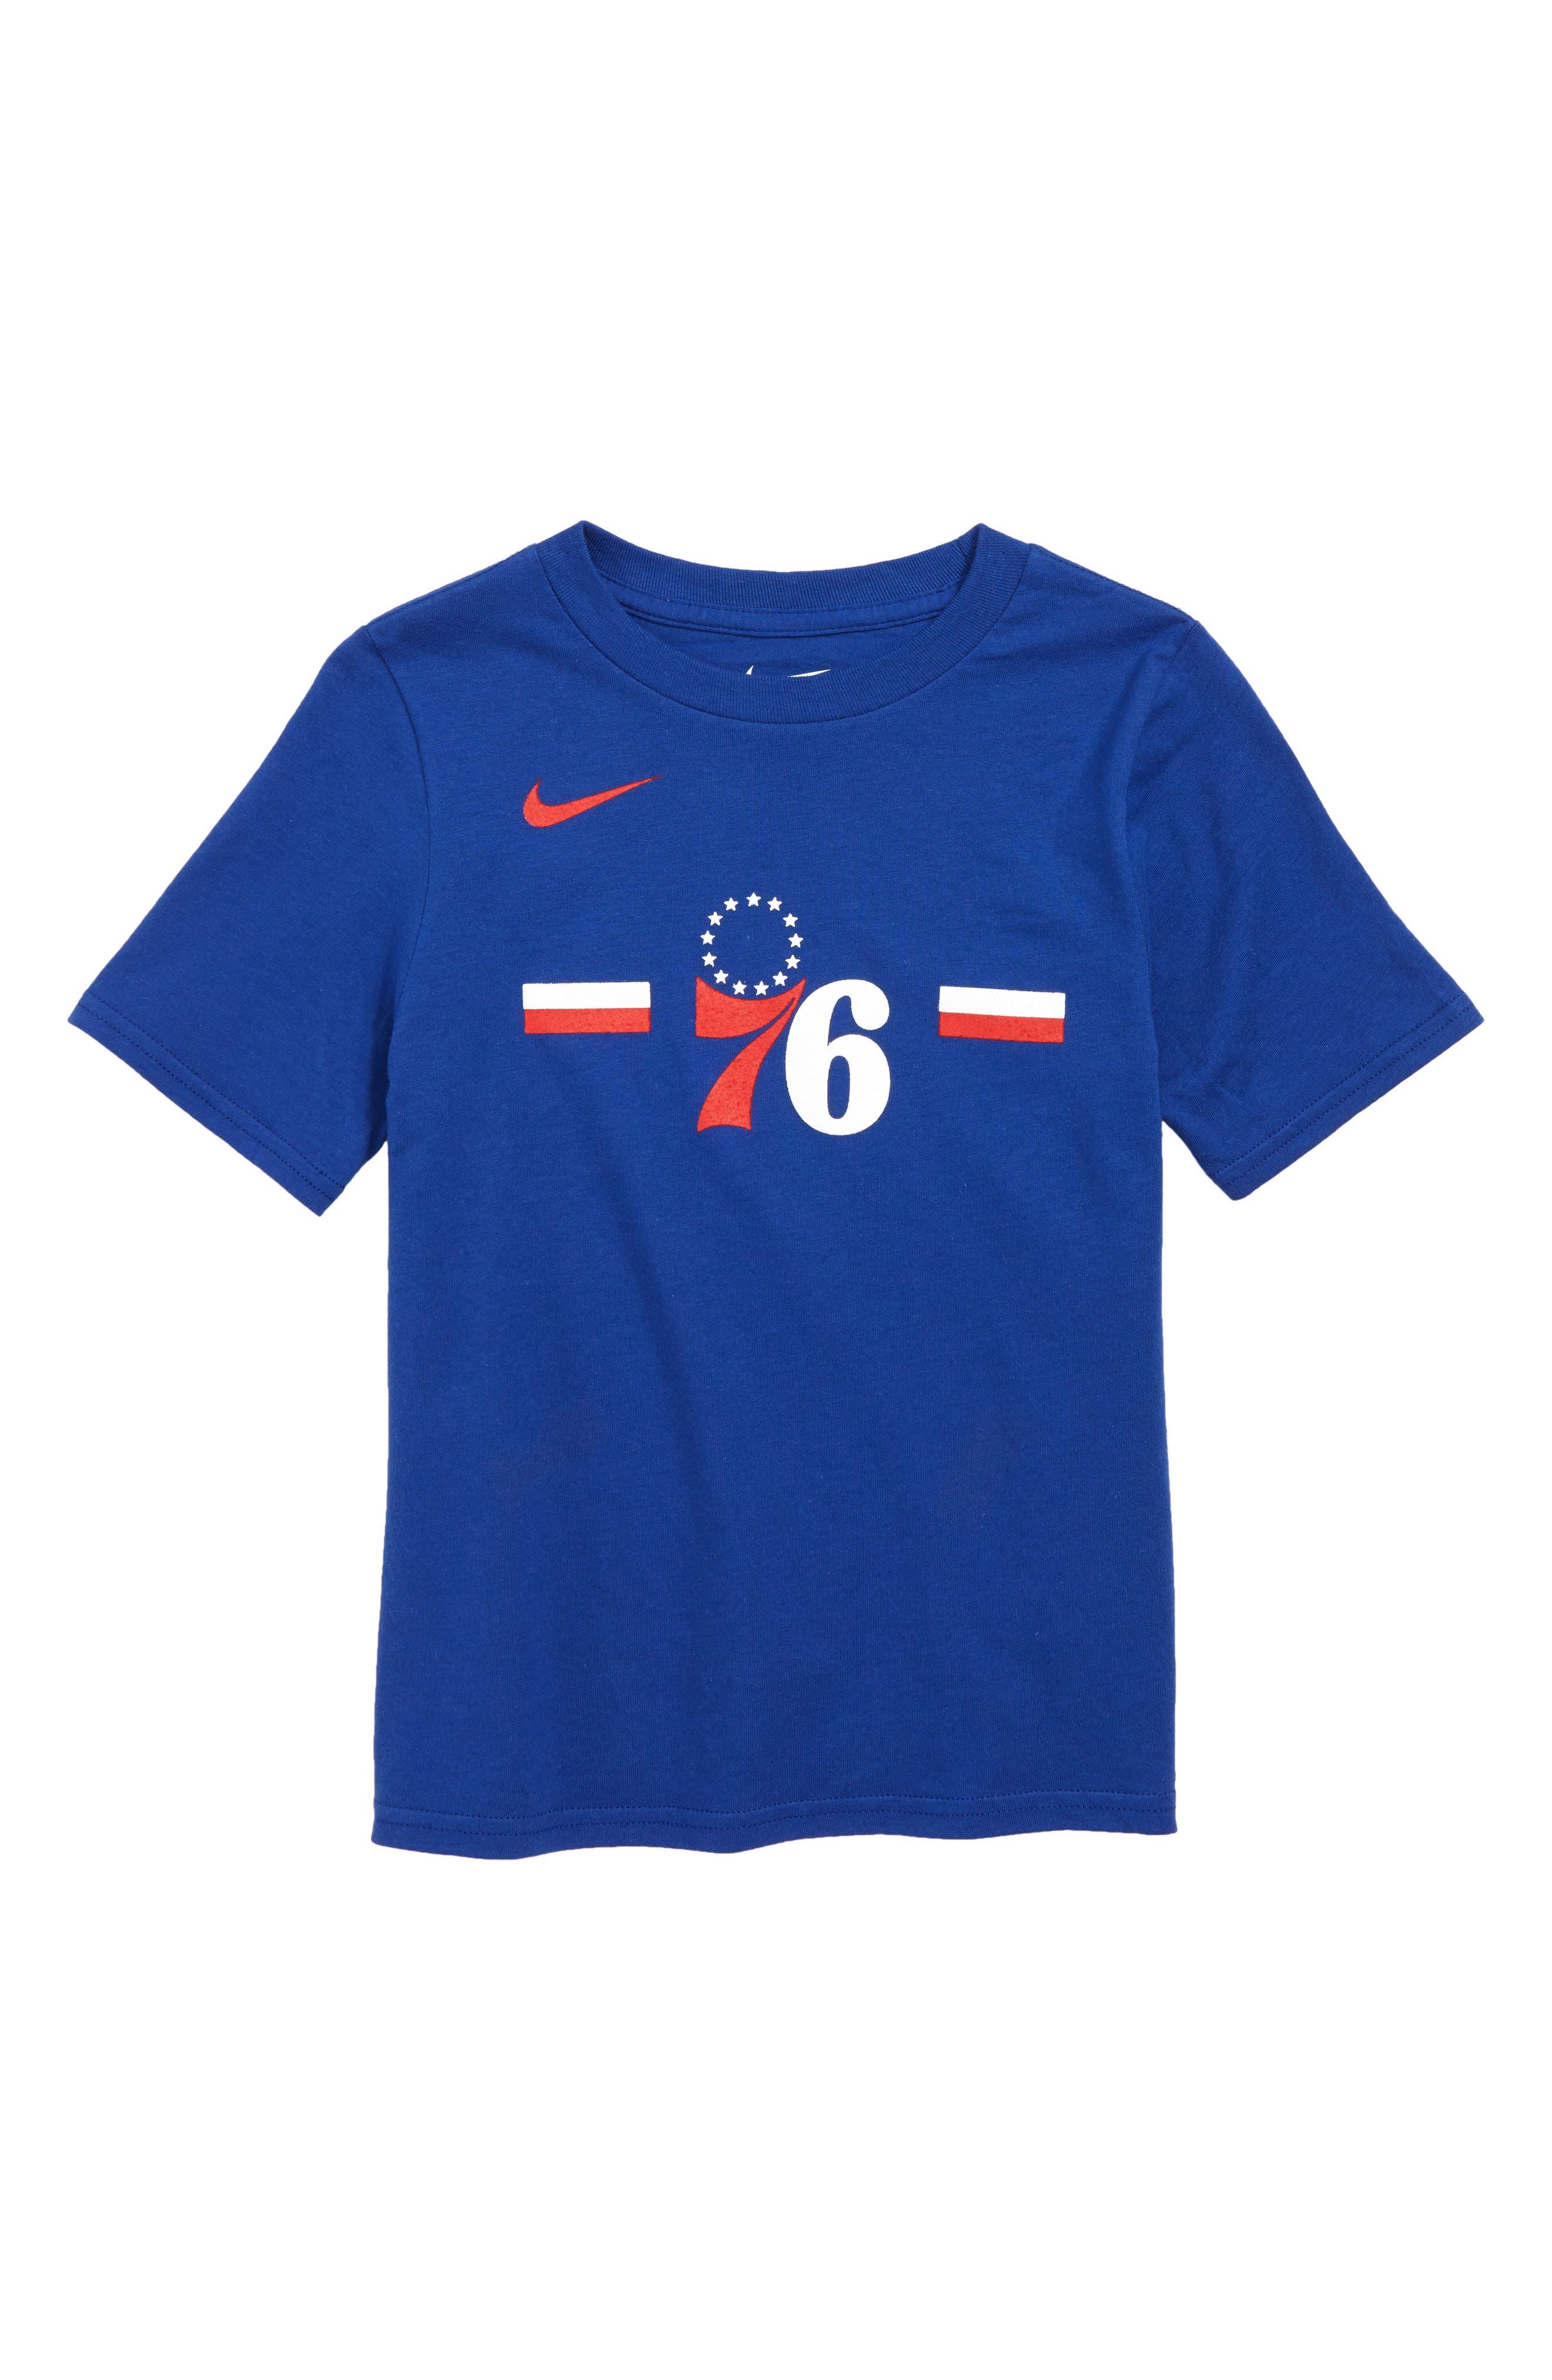 Philadelphia 76ers Dri-FIT T-Shirt,                             Main thumbnail 1, color,                             RUSH BLUE